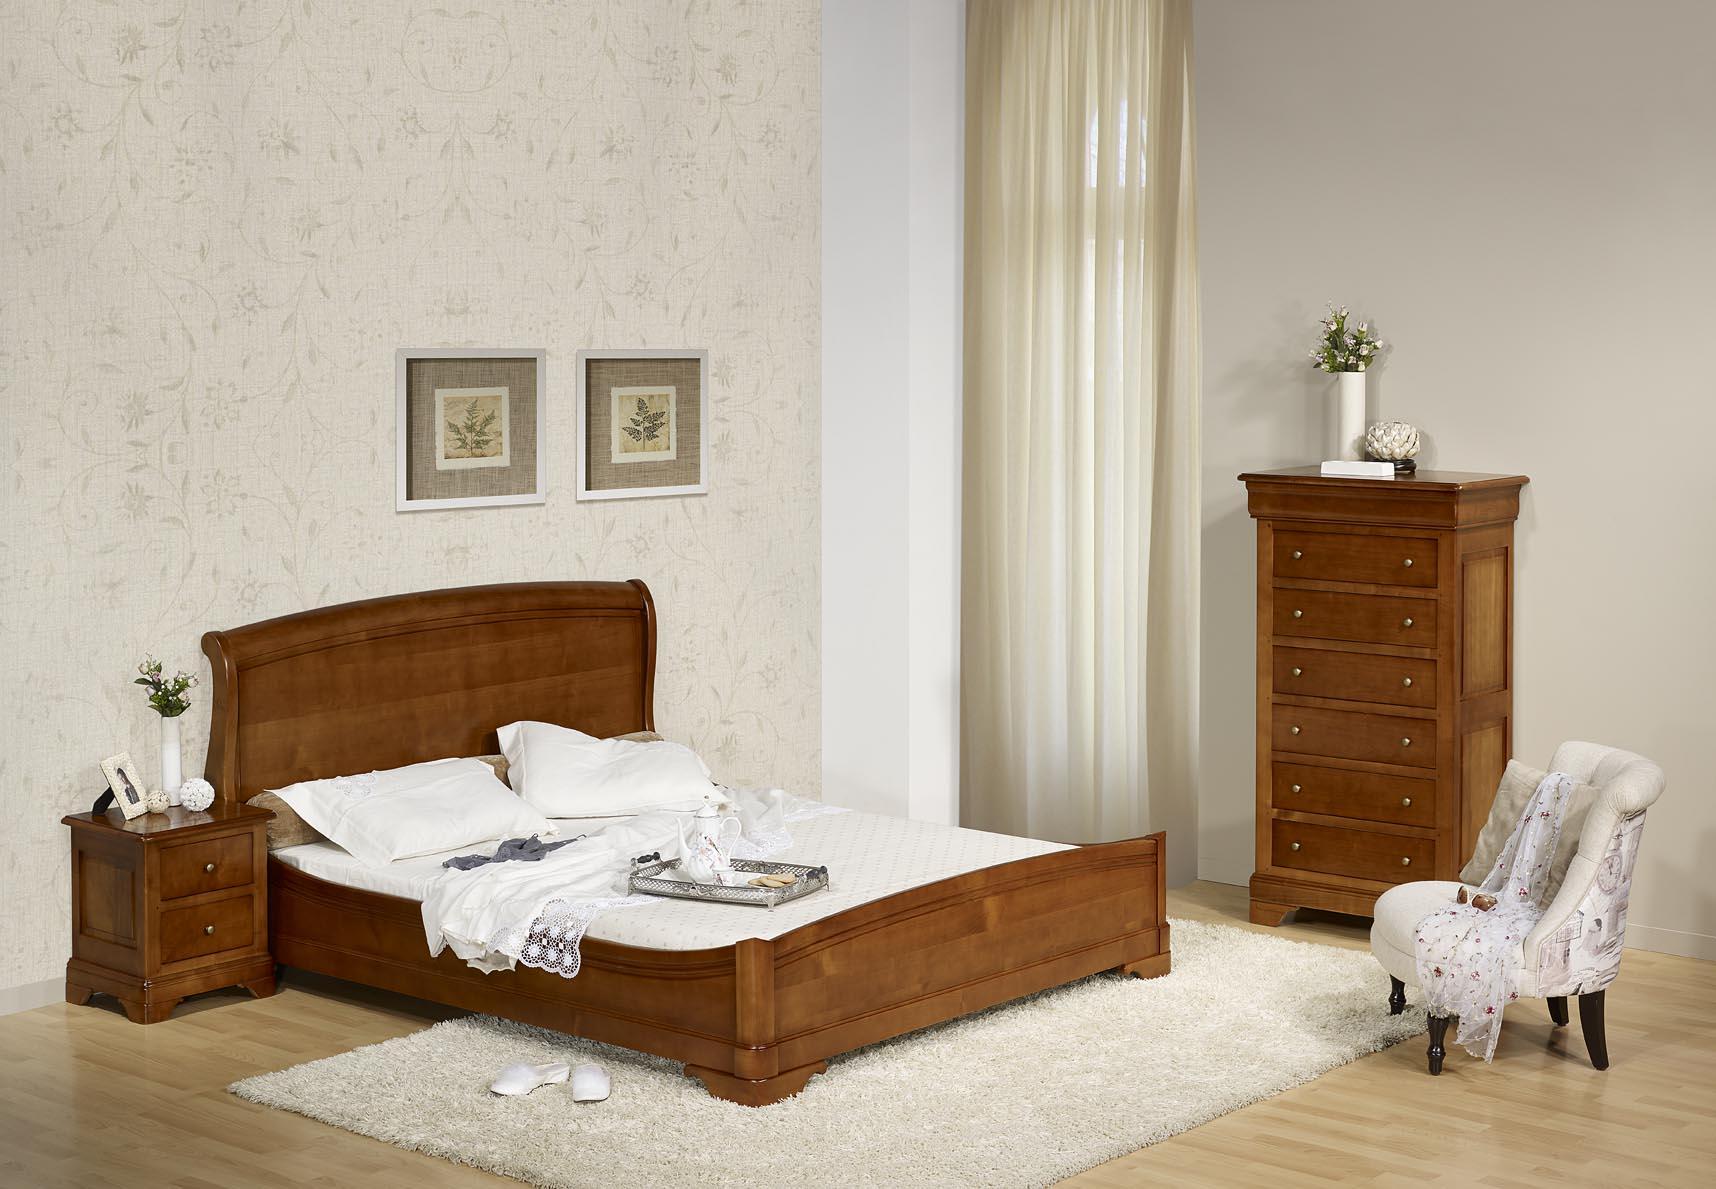 lit 160x200 en merisier massif de style louis philippe. Black Bedroom Furniture Sets. Home Design Ideas